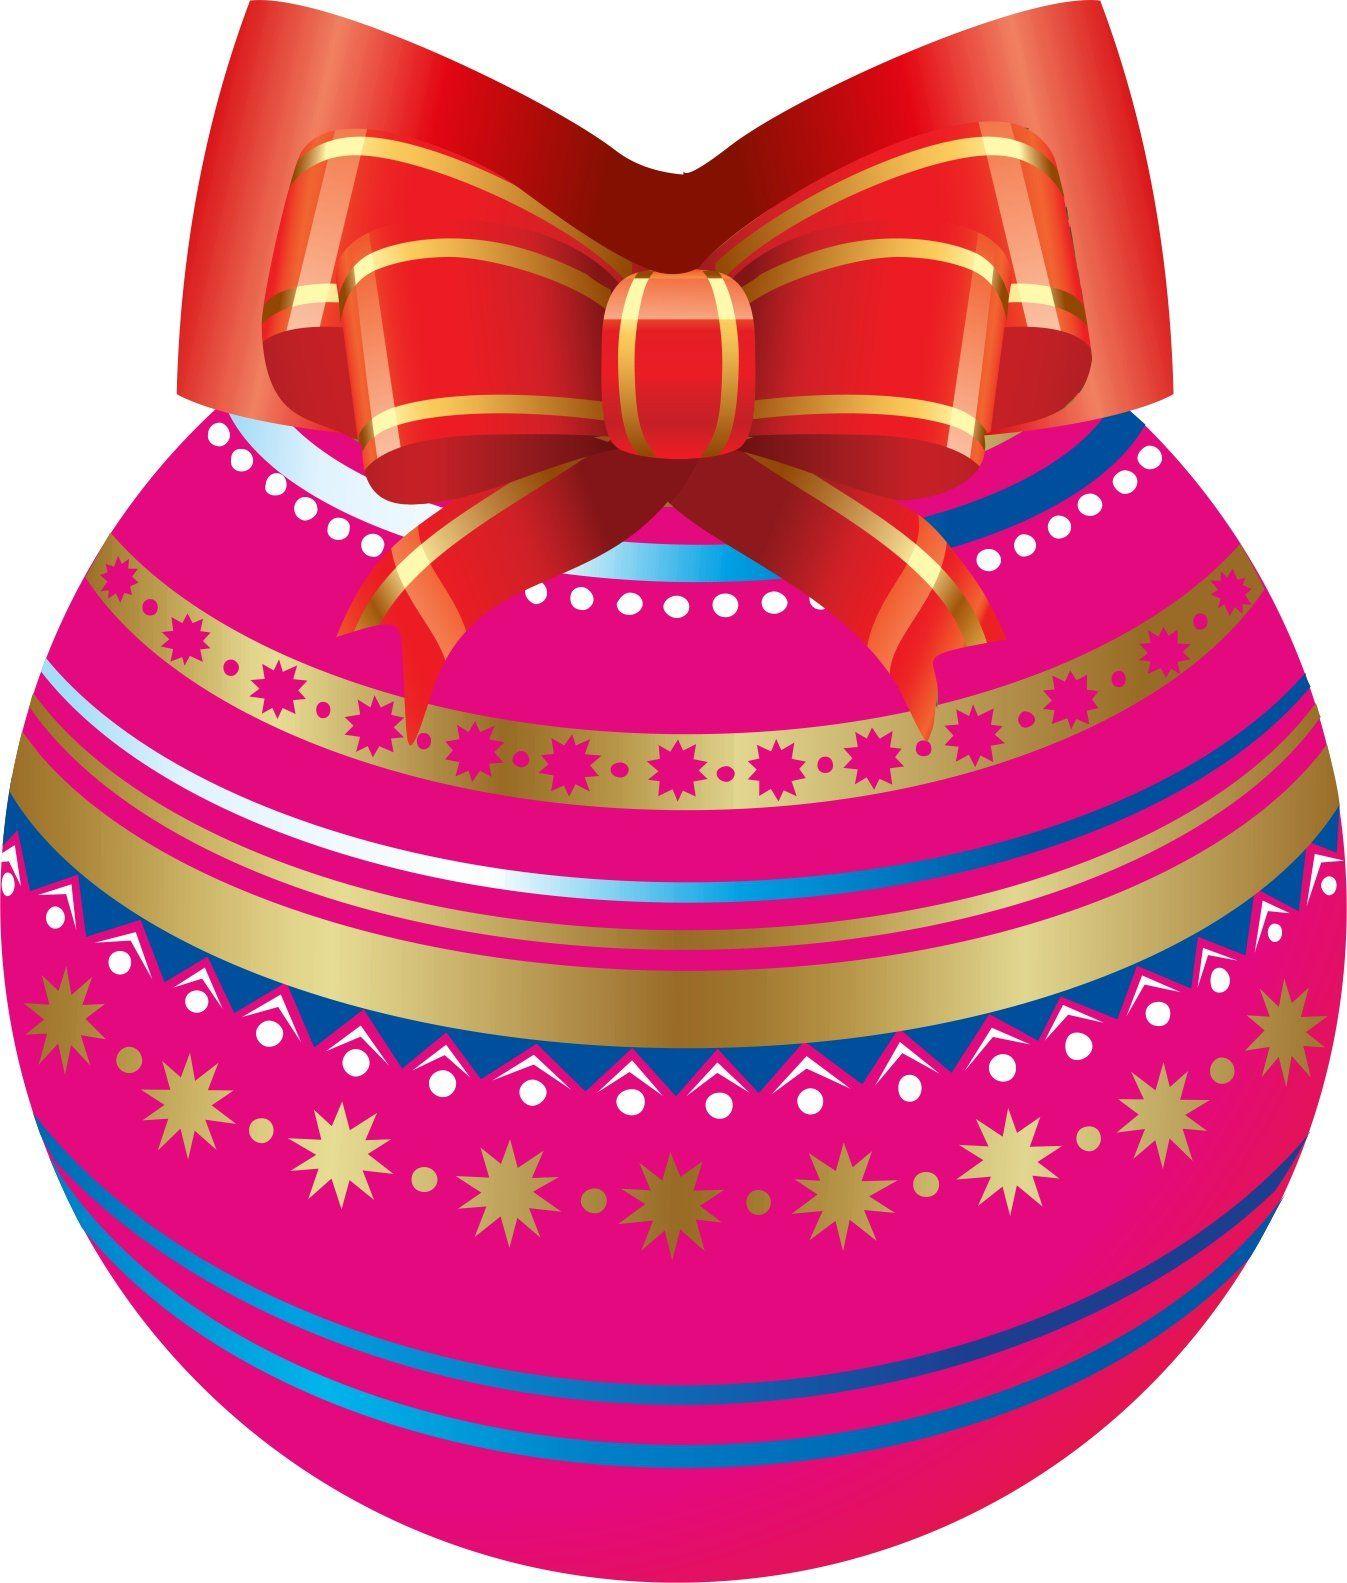 Мини-плакат вырубной Розовый новогодний шар: 100х116 ммНовогодние украшения<br>.<br><br>Год: 2017<br>Серия: Вырубные фигуры для оформления<br>Высота: 116<br>Ширина: 100<br>Переплёт: набор